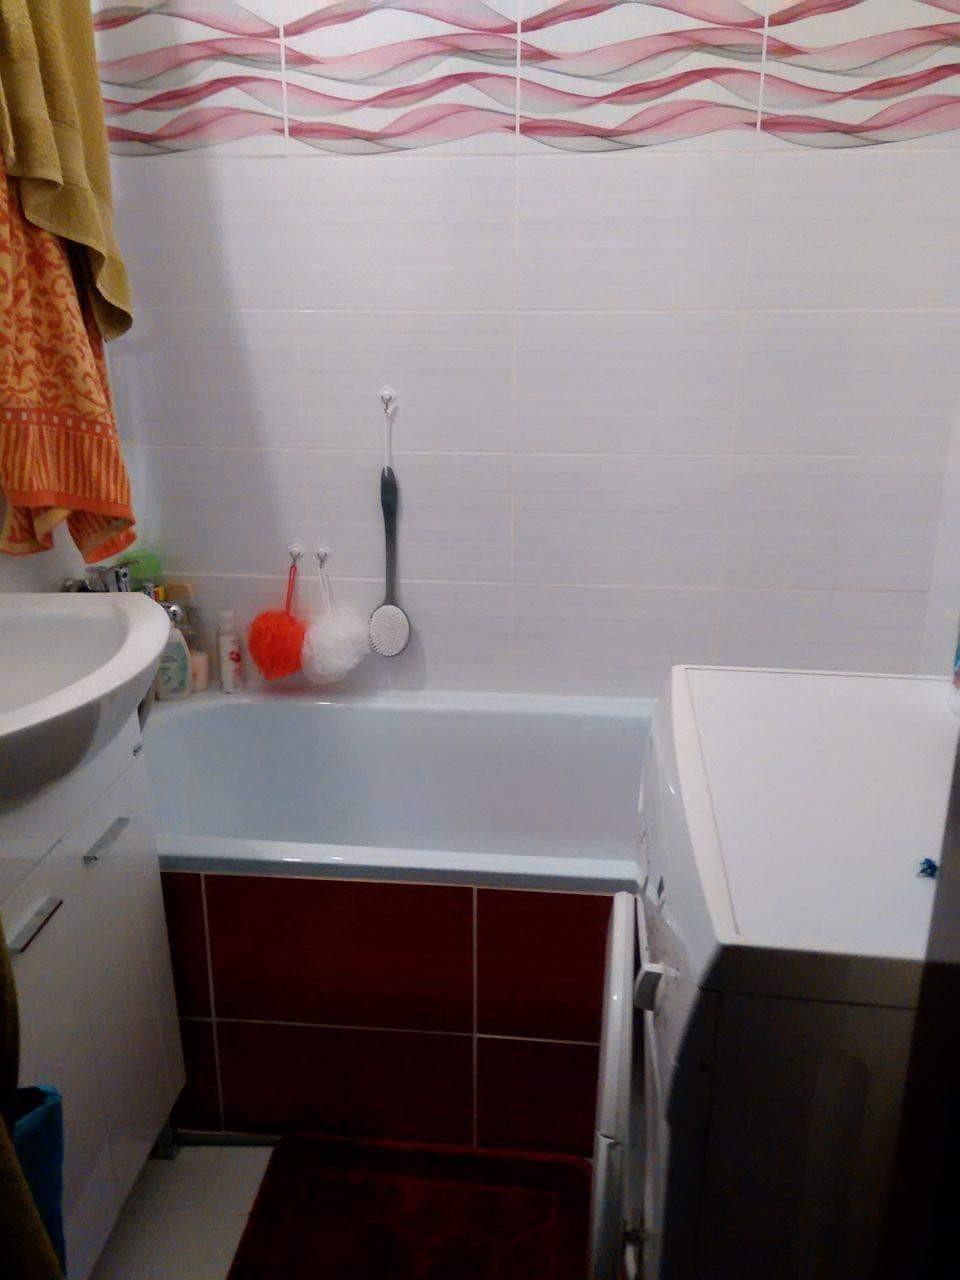 Keramický obklad v koupelně